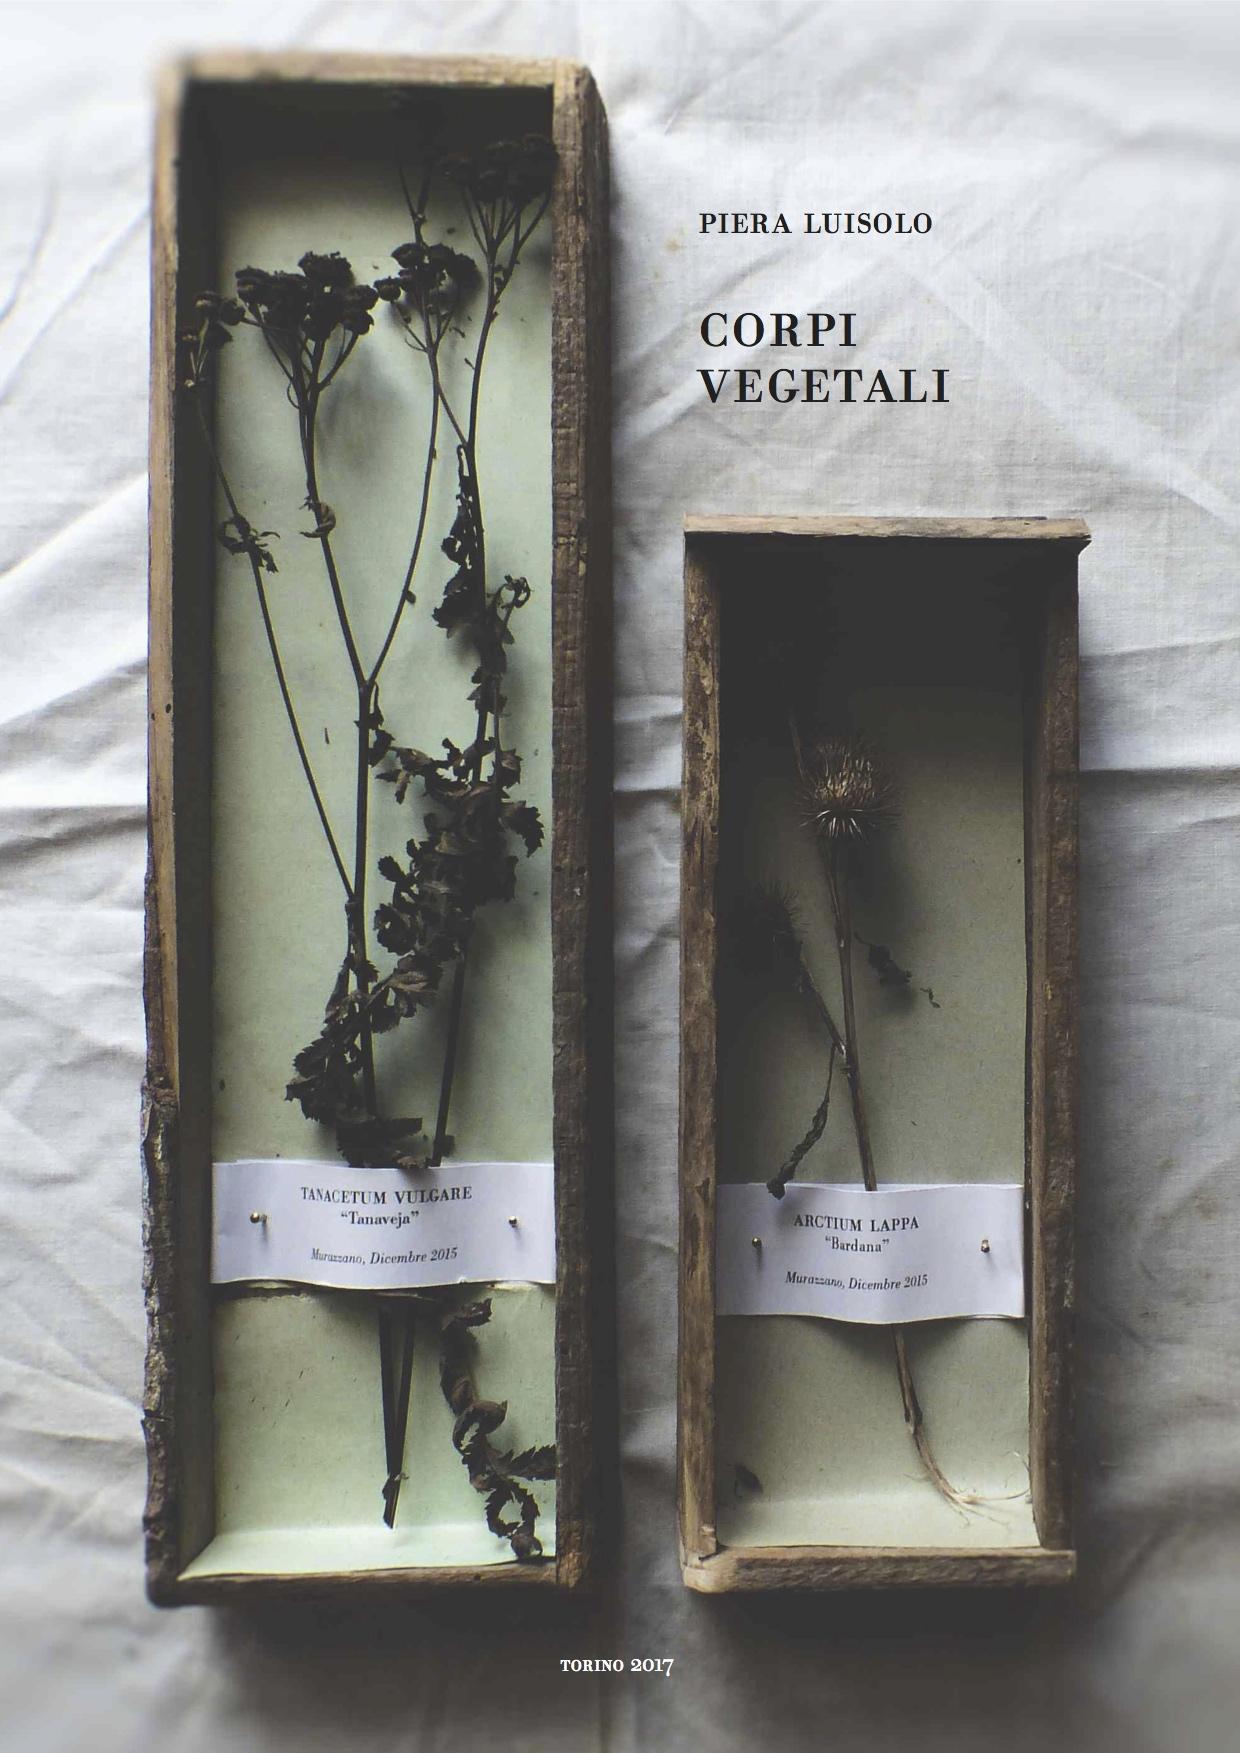 Corpi vegetali, 2016